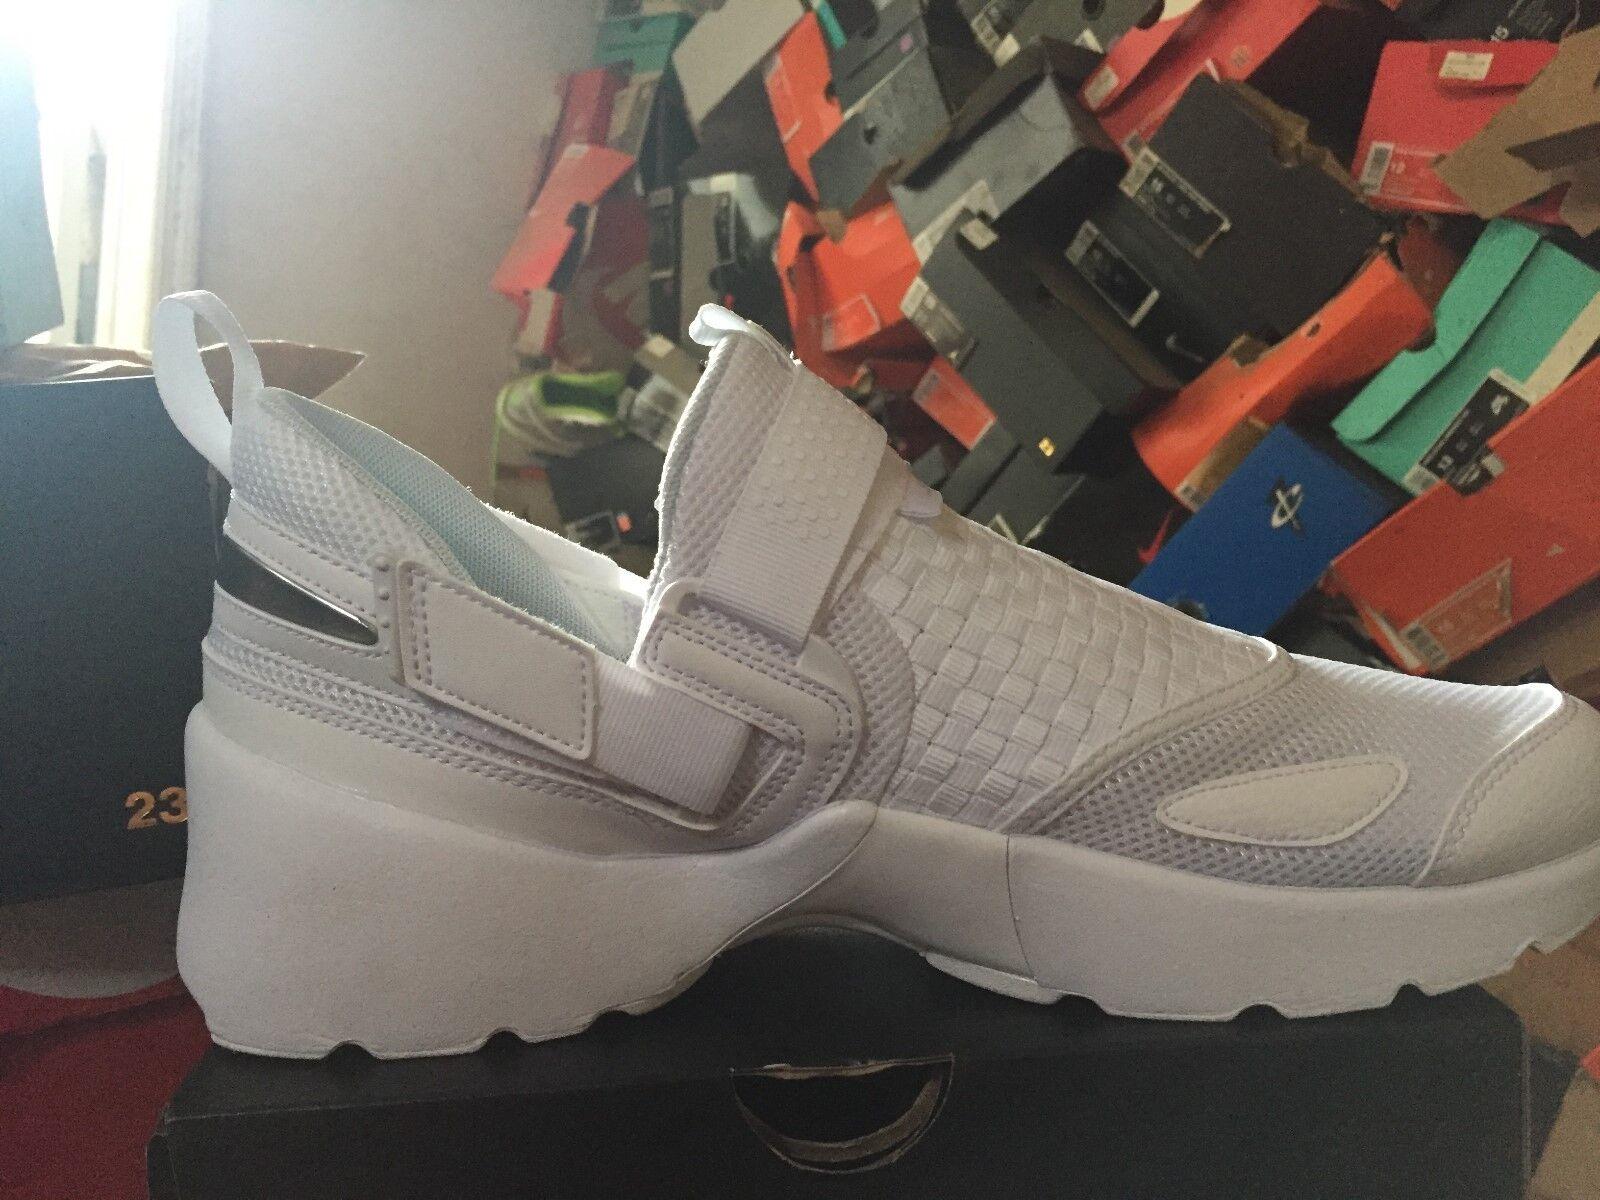 Nike jordan / trunner lx bnib bianco / jordan bianco / platino dimensioni 10,5 897992 100 8e6d45